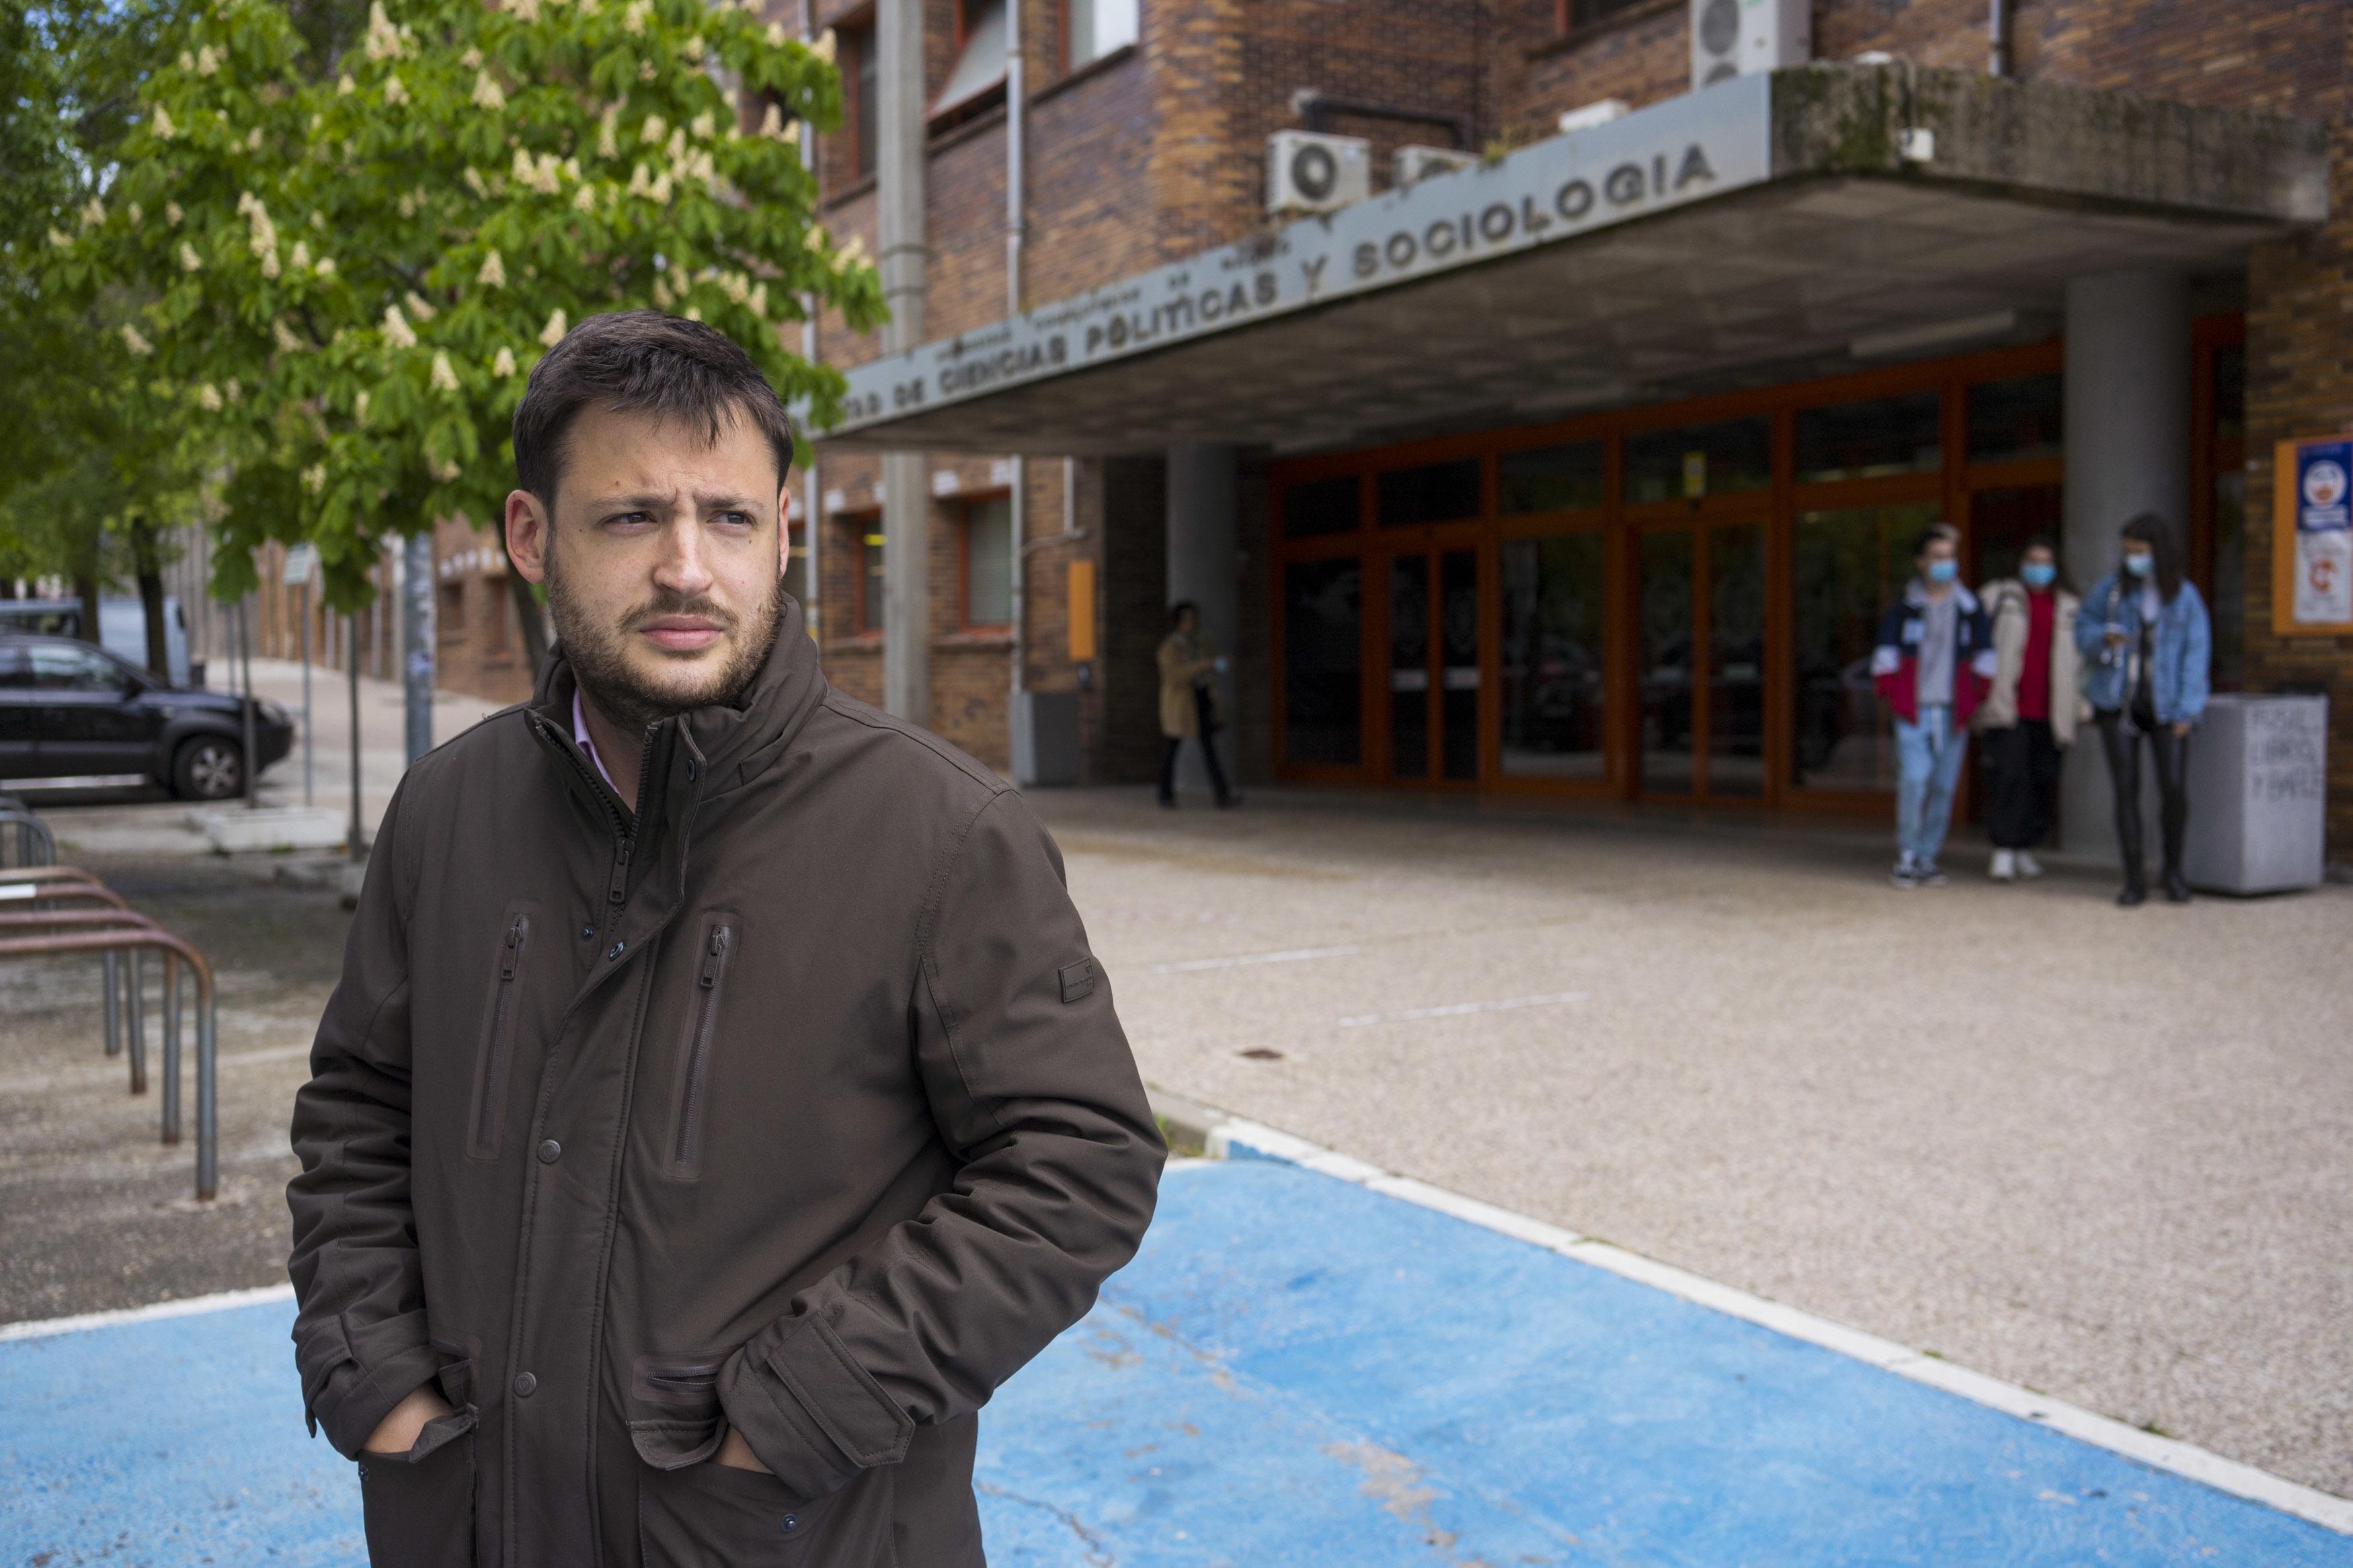 Álvaro Vara, organziador de la charla.